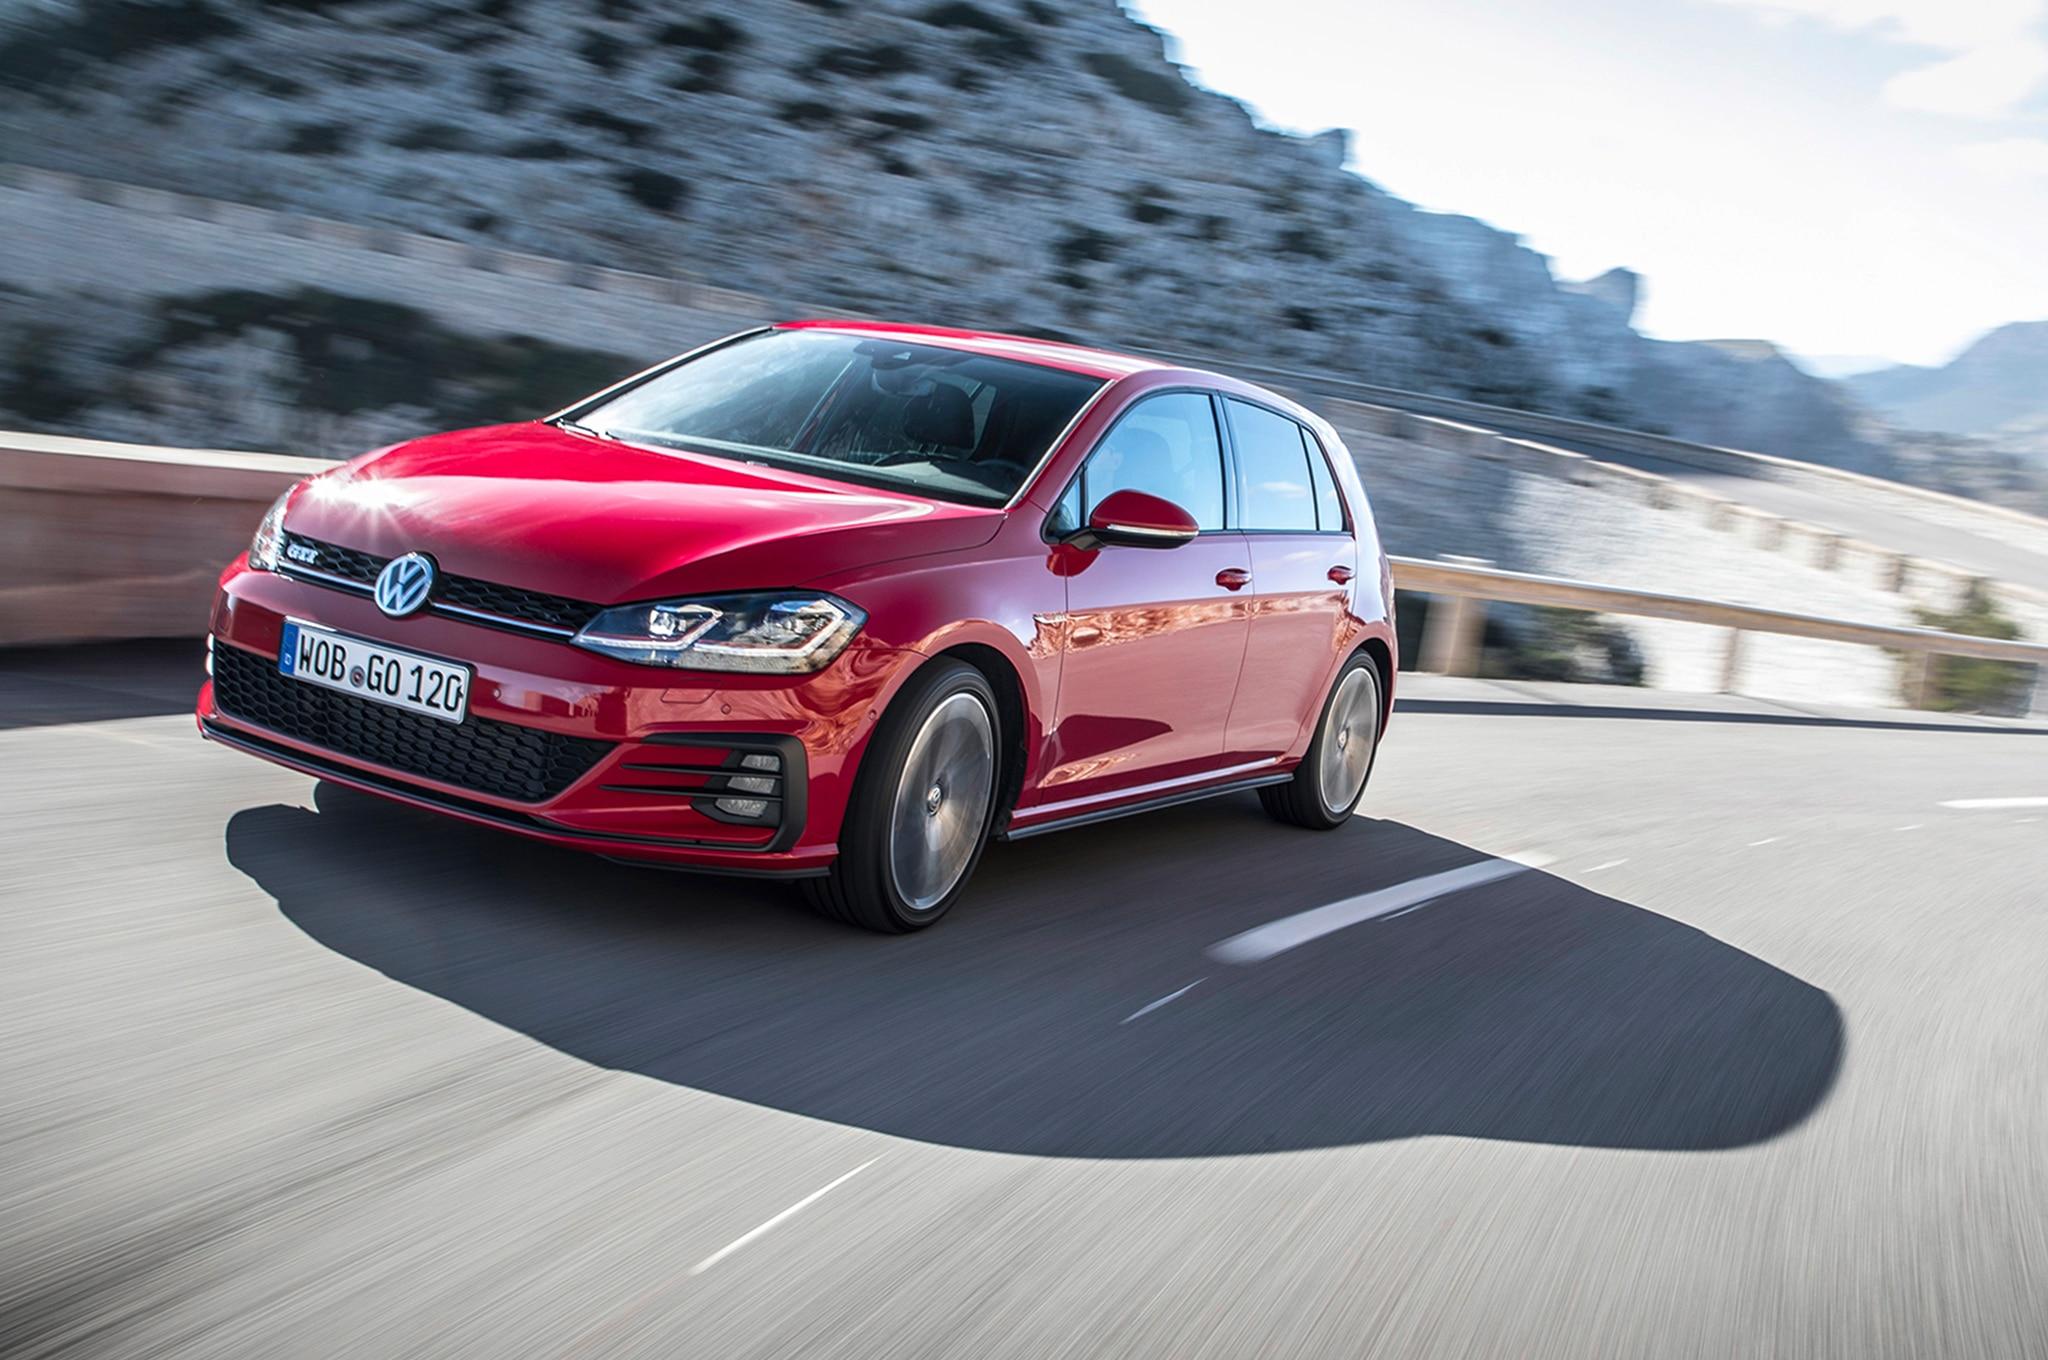 2018 Volkswagen Golf GTI European Spec Front Three Quarter In Motion 10